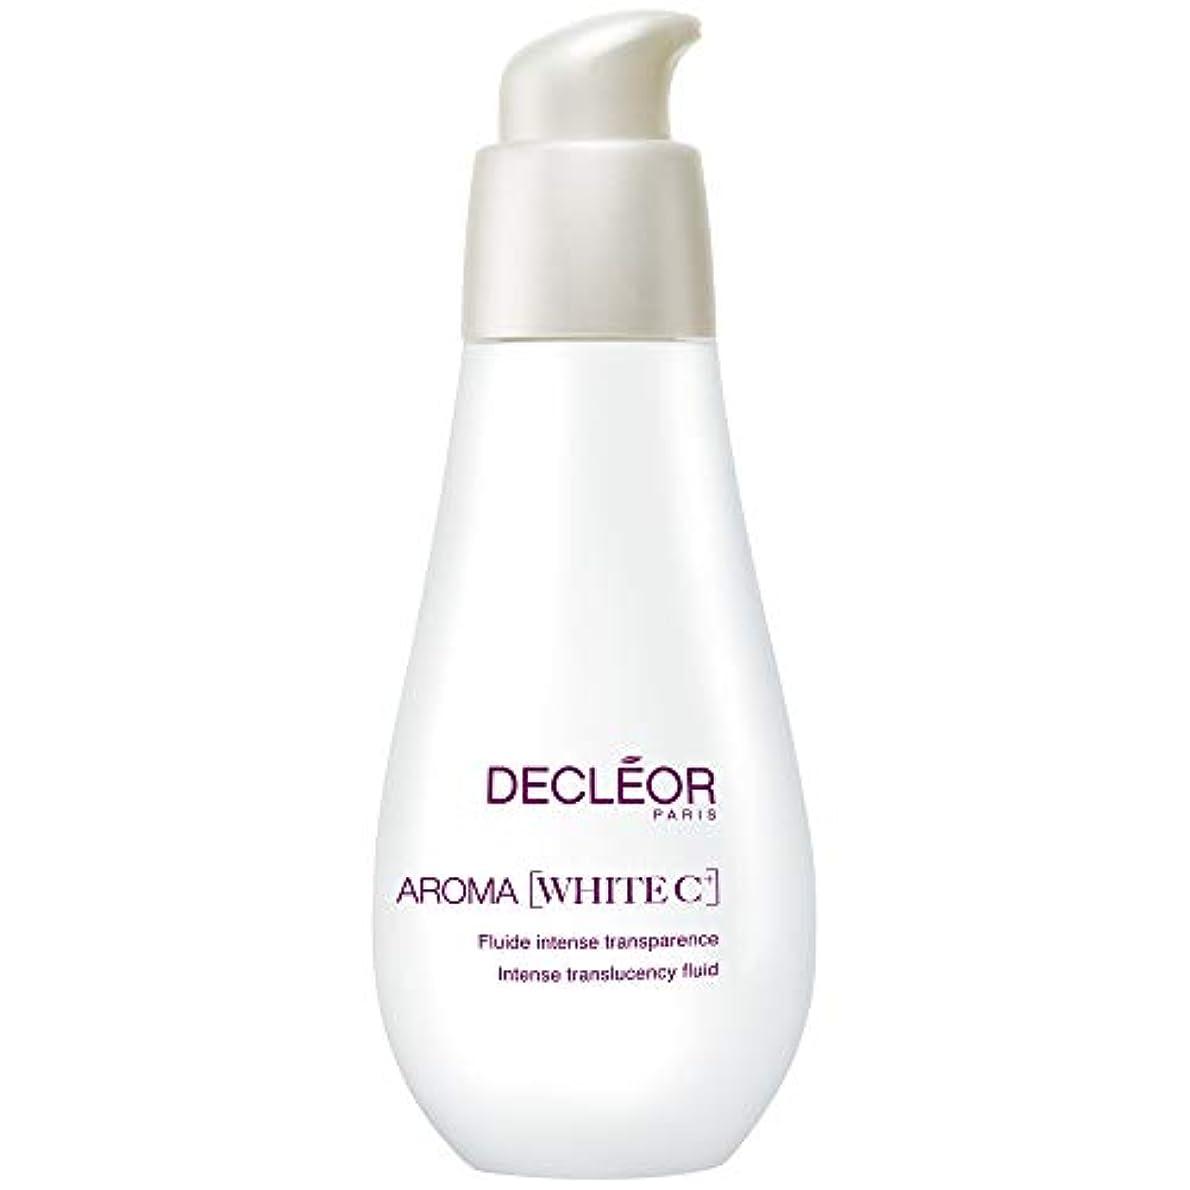 電話をかける敬意を表して計器[Decl?or] デクレオールアロマホワイトC +強烈な半透明の液体50ミリリットル - Decl?or Aroma White C+Intense Translucency Fluid 50ml [並行輸入品]